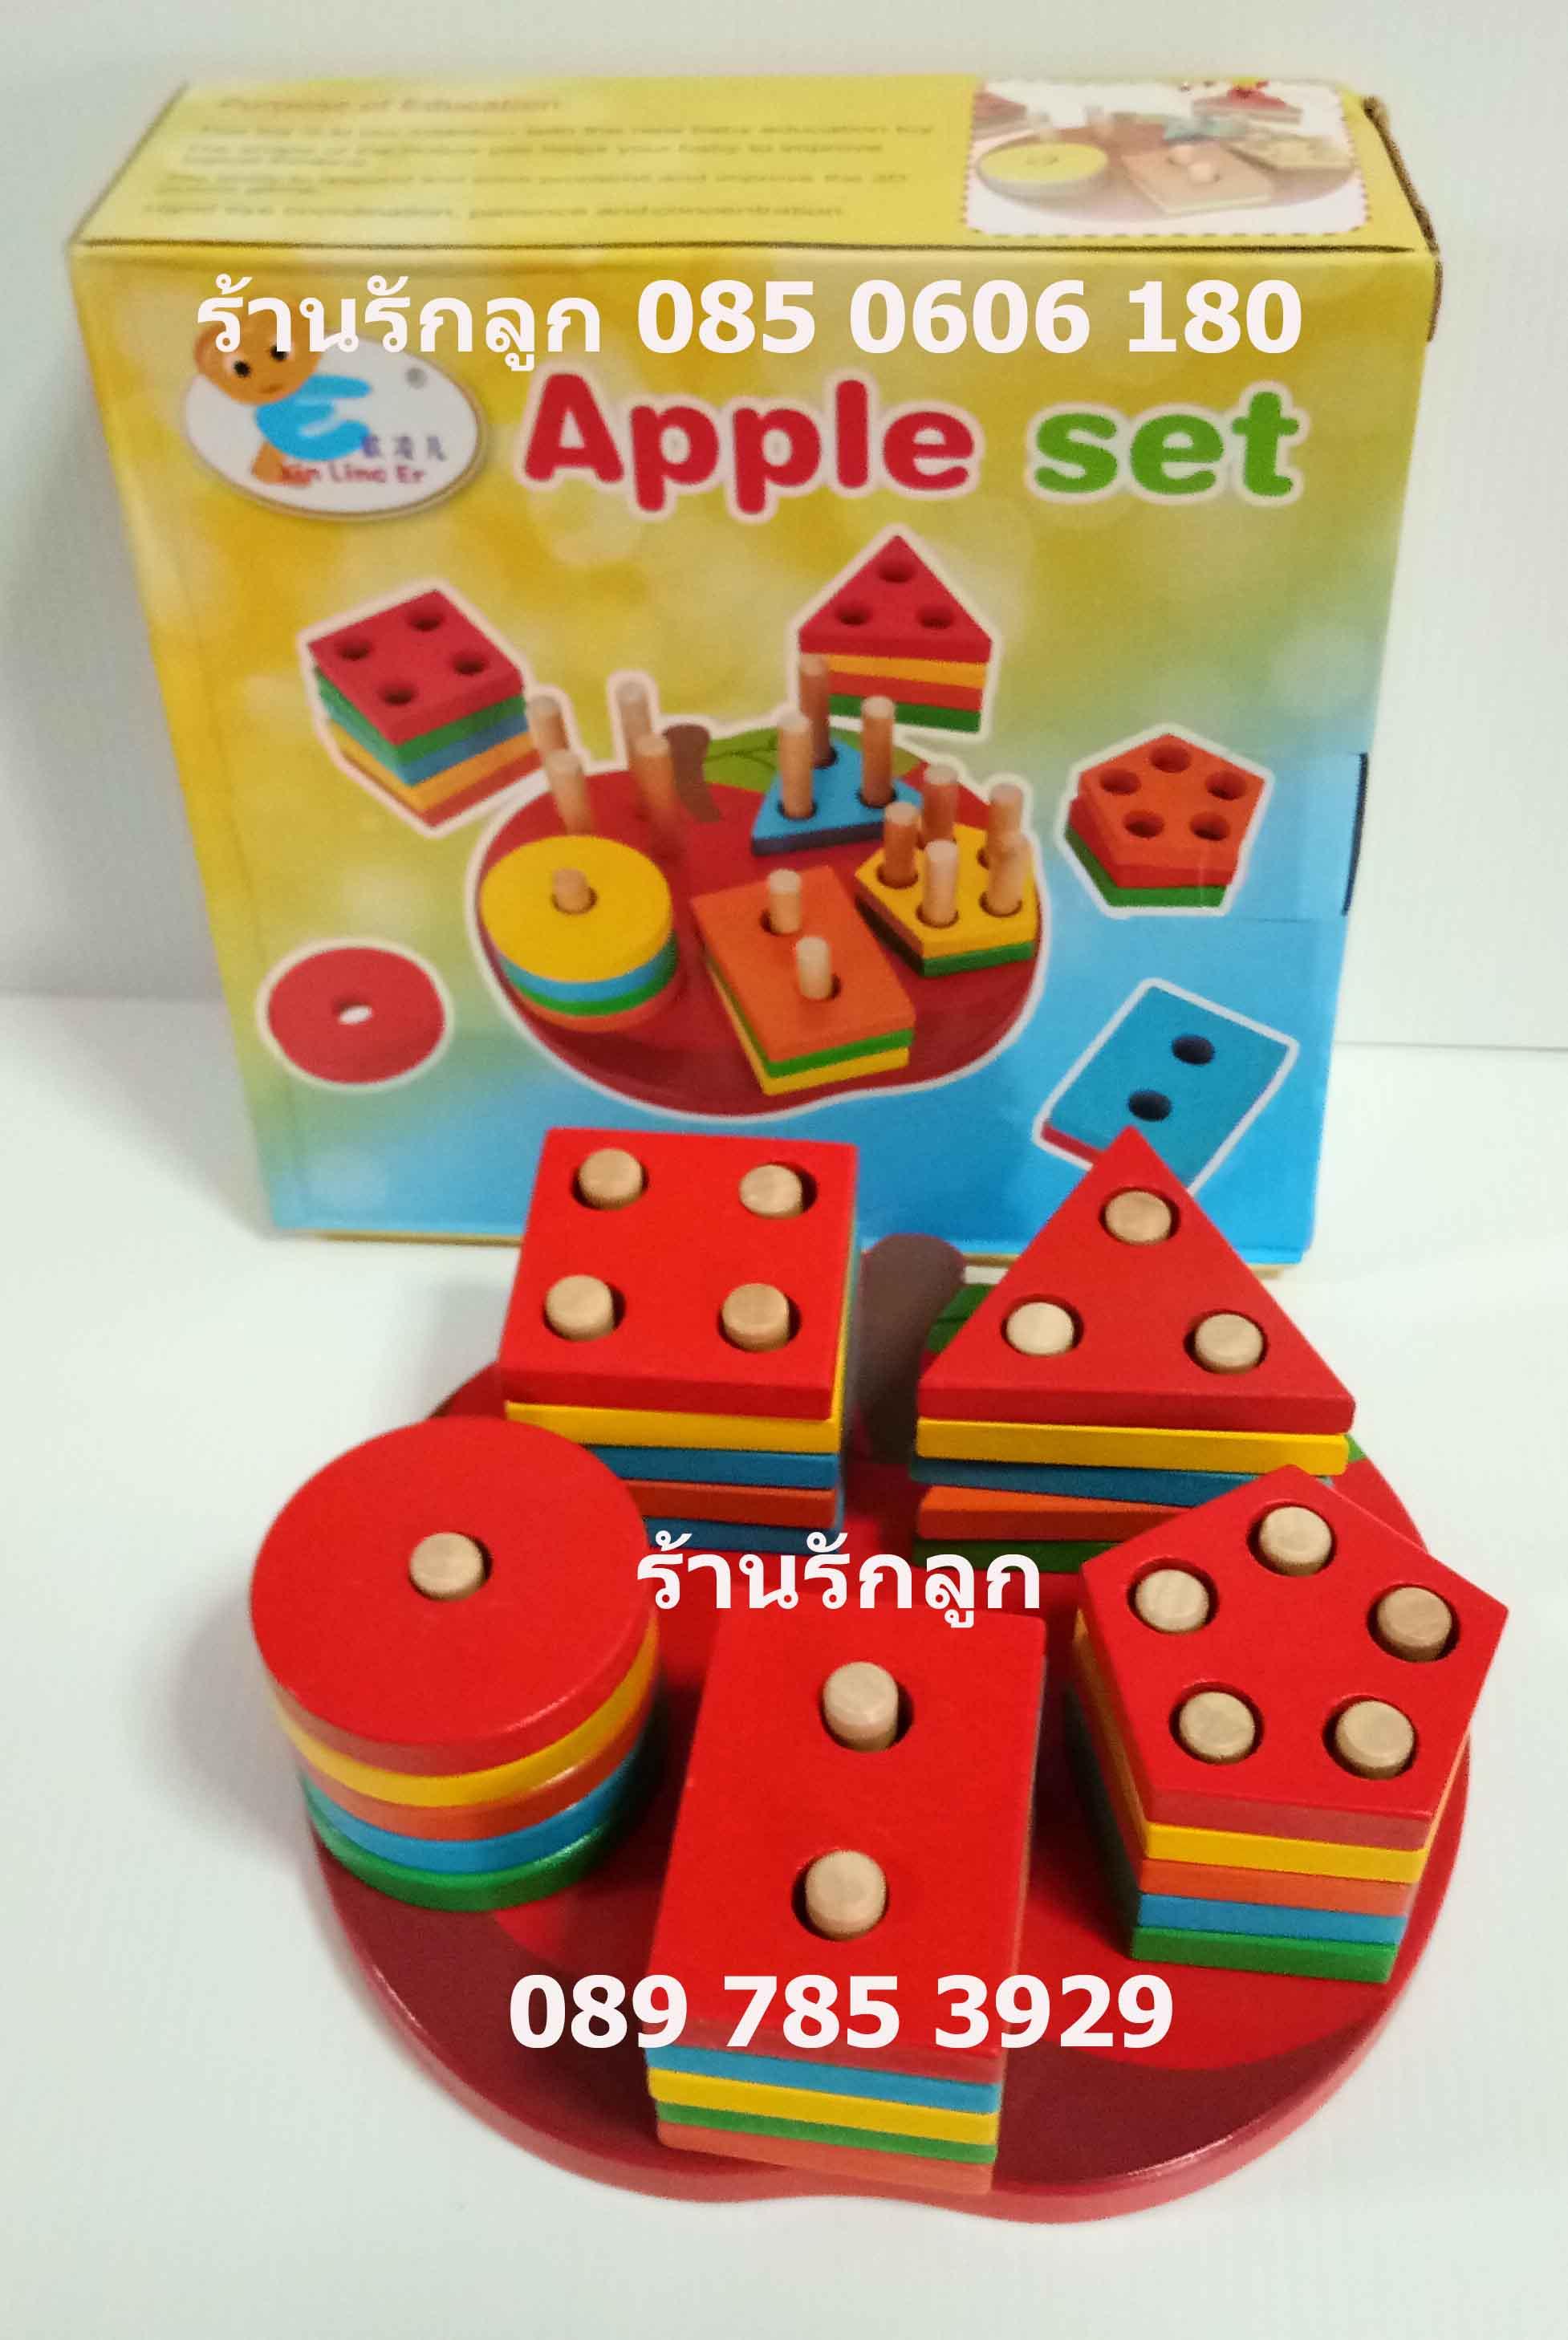 แอปเปิ้ลรูปทรงเรขาสวมหลัก 5 หลัก